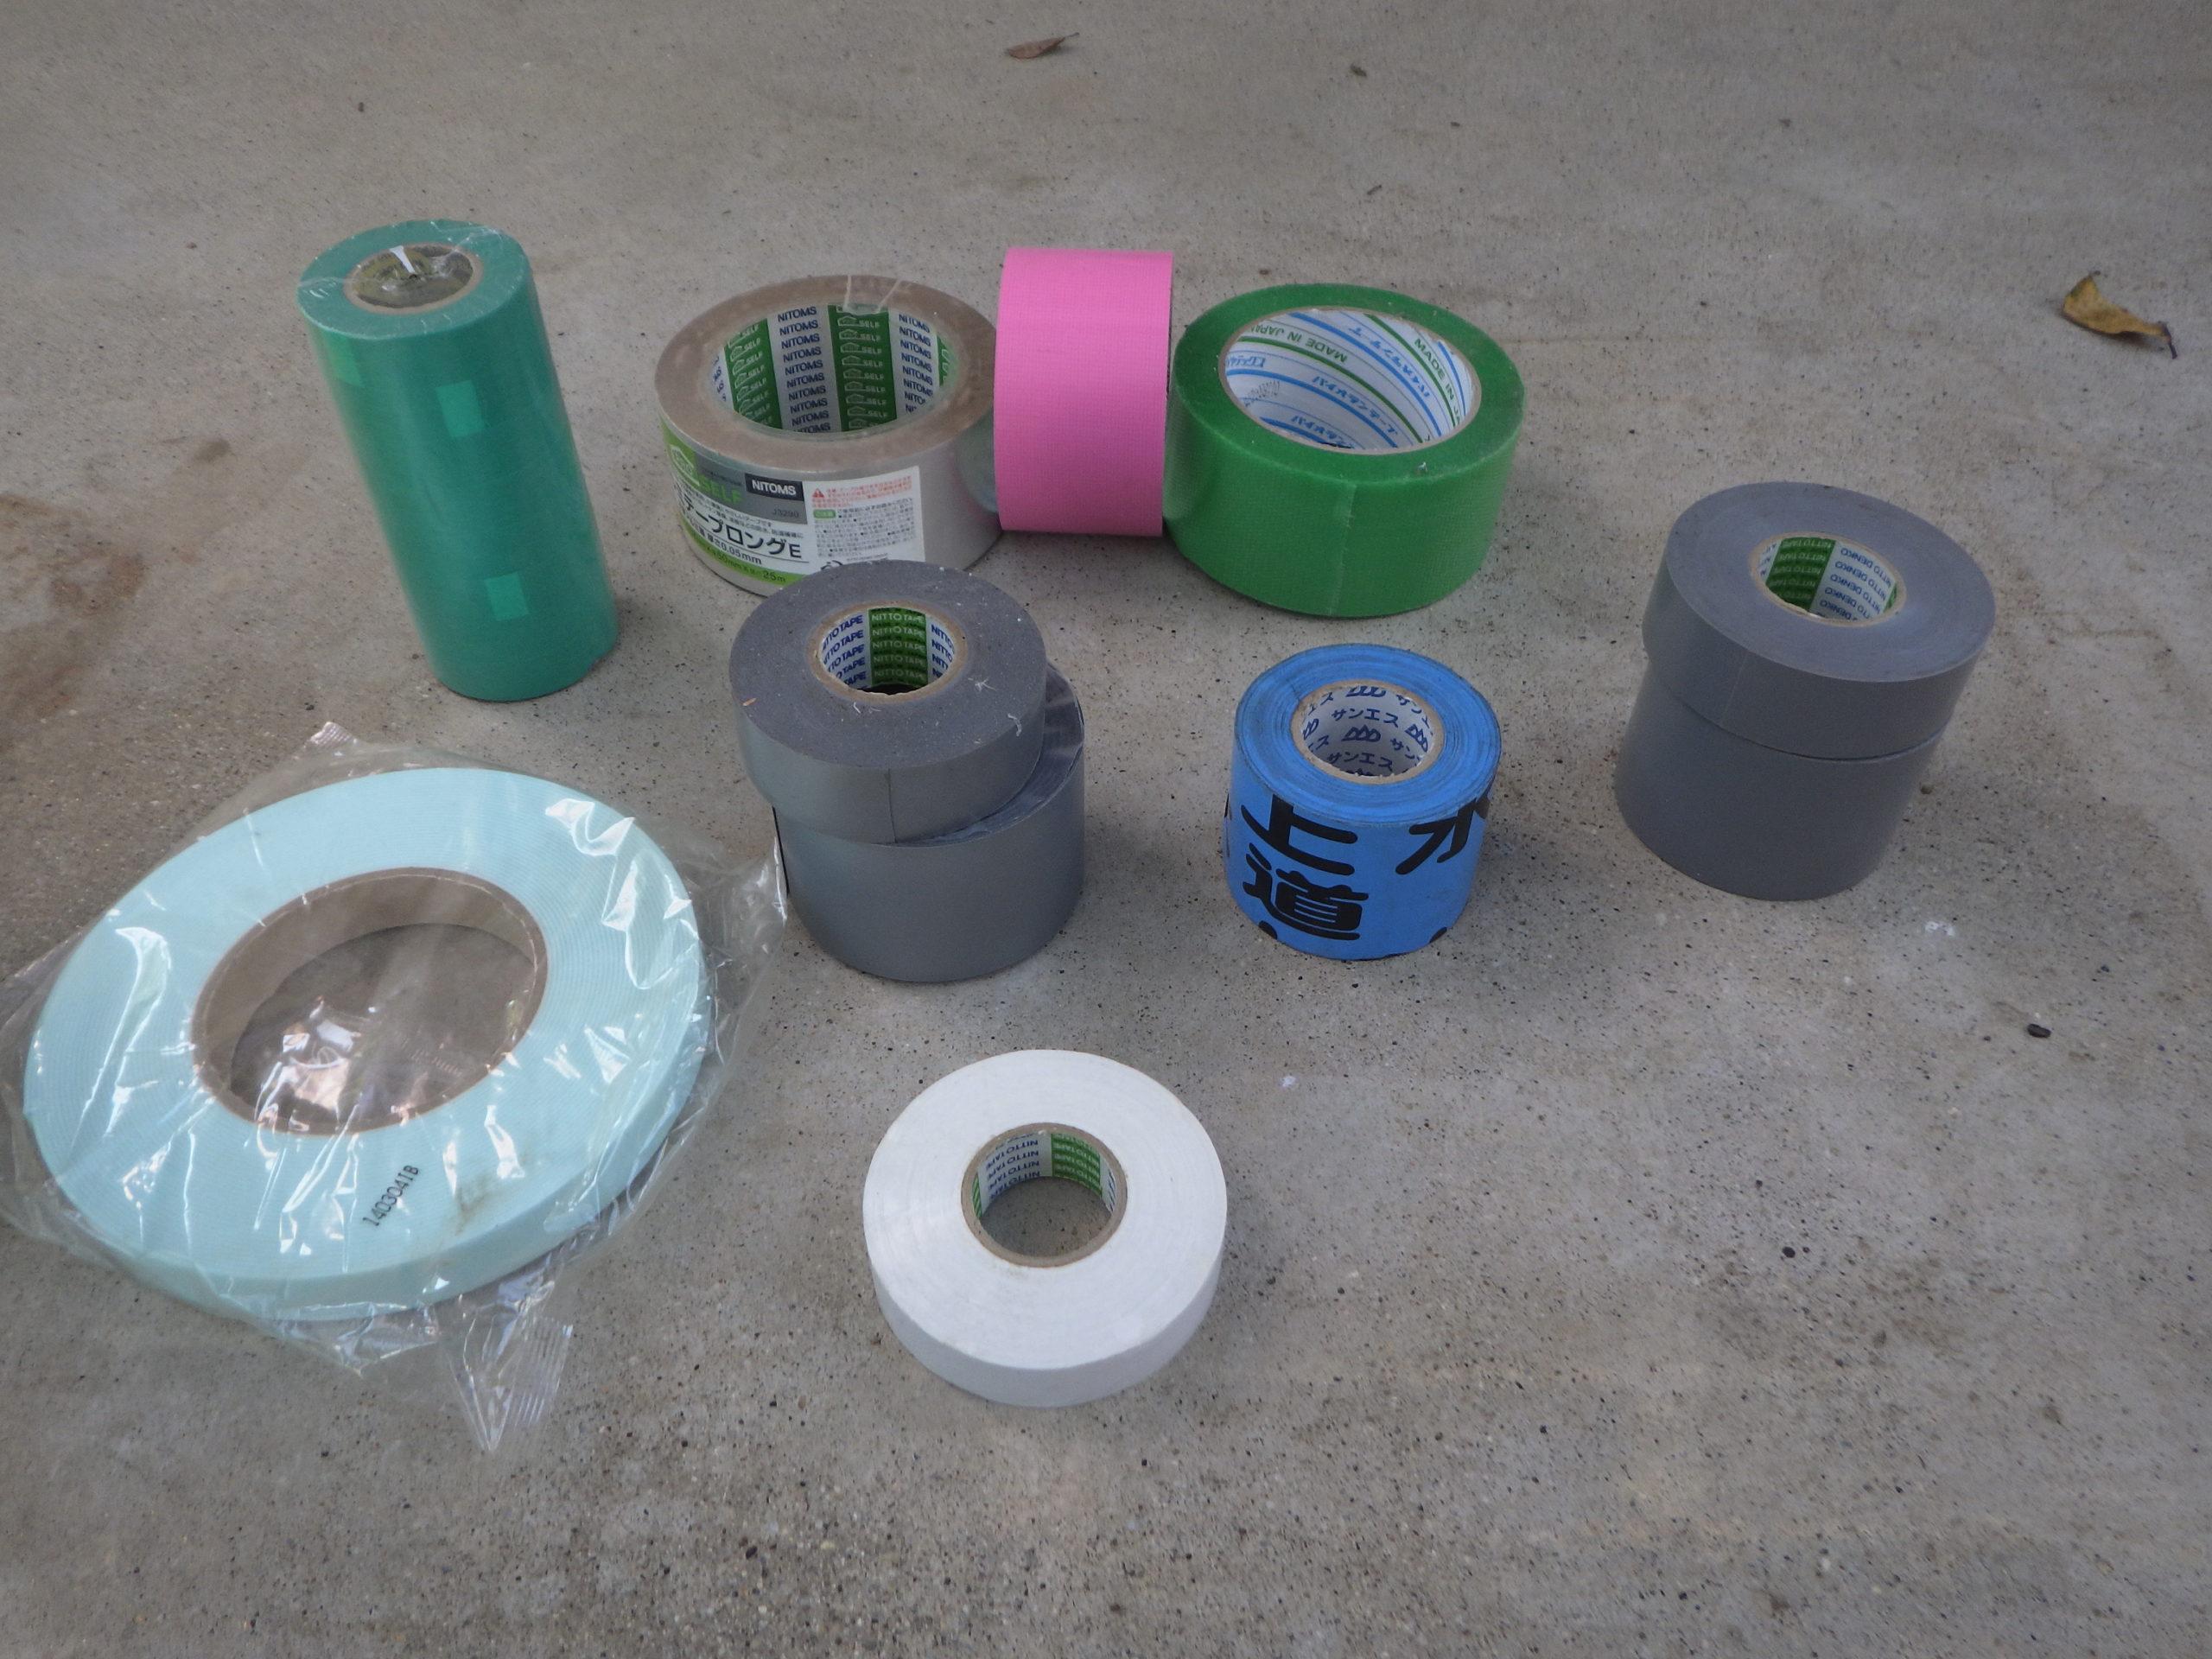 【水道屋さんの使う消耗品】をご紹介! テープ類